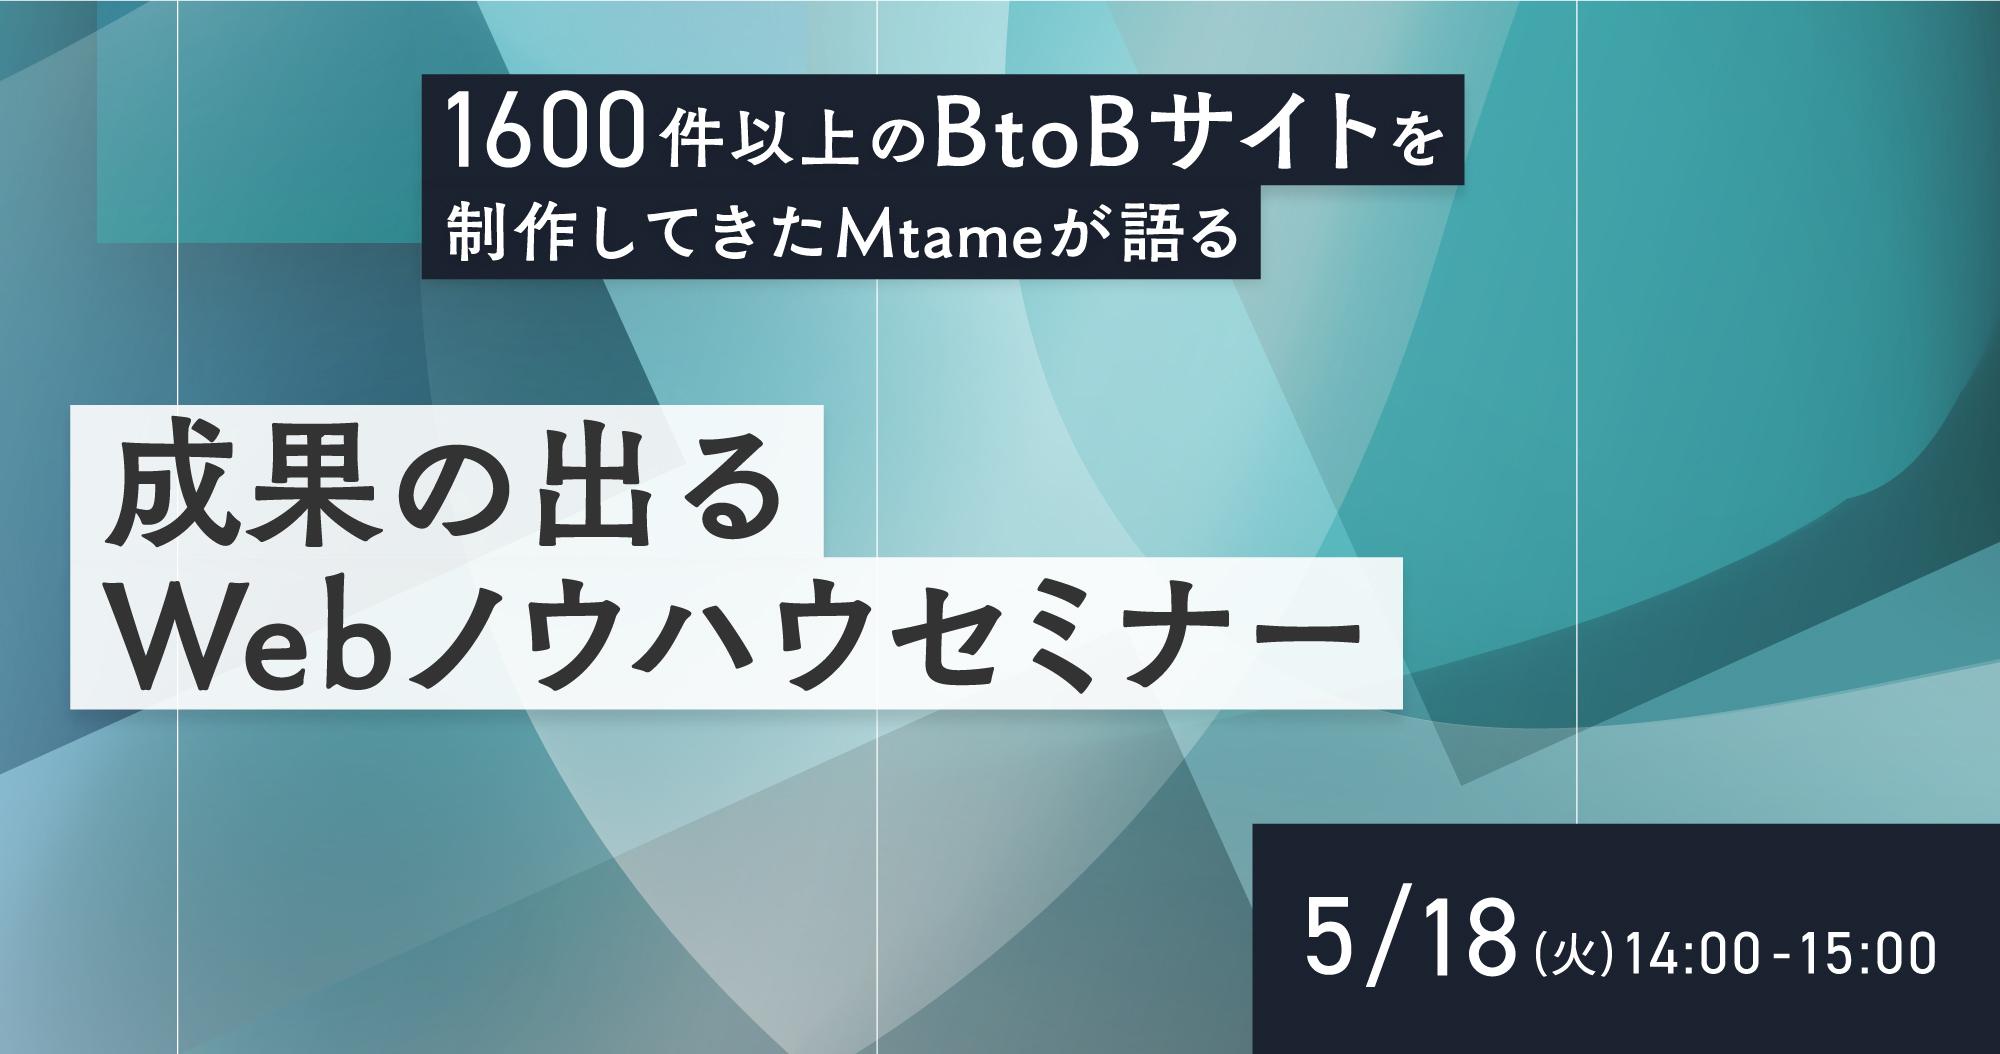 【12月22日(火)】コンテンツマーケティング×MAで効果を最大化!コンテンツの運用体制とMA活用法